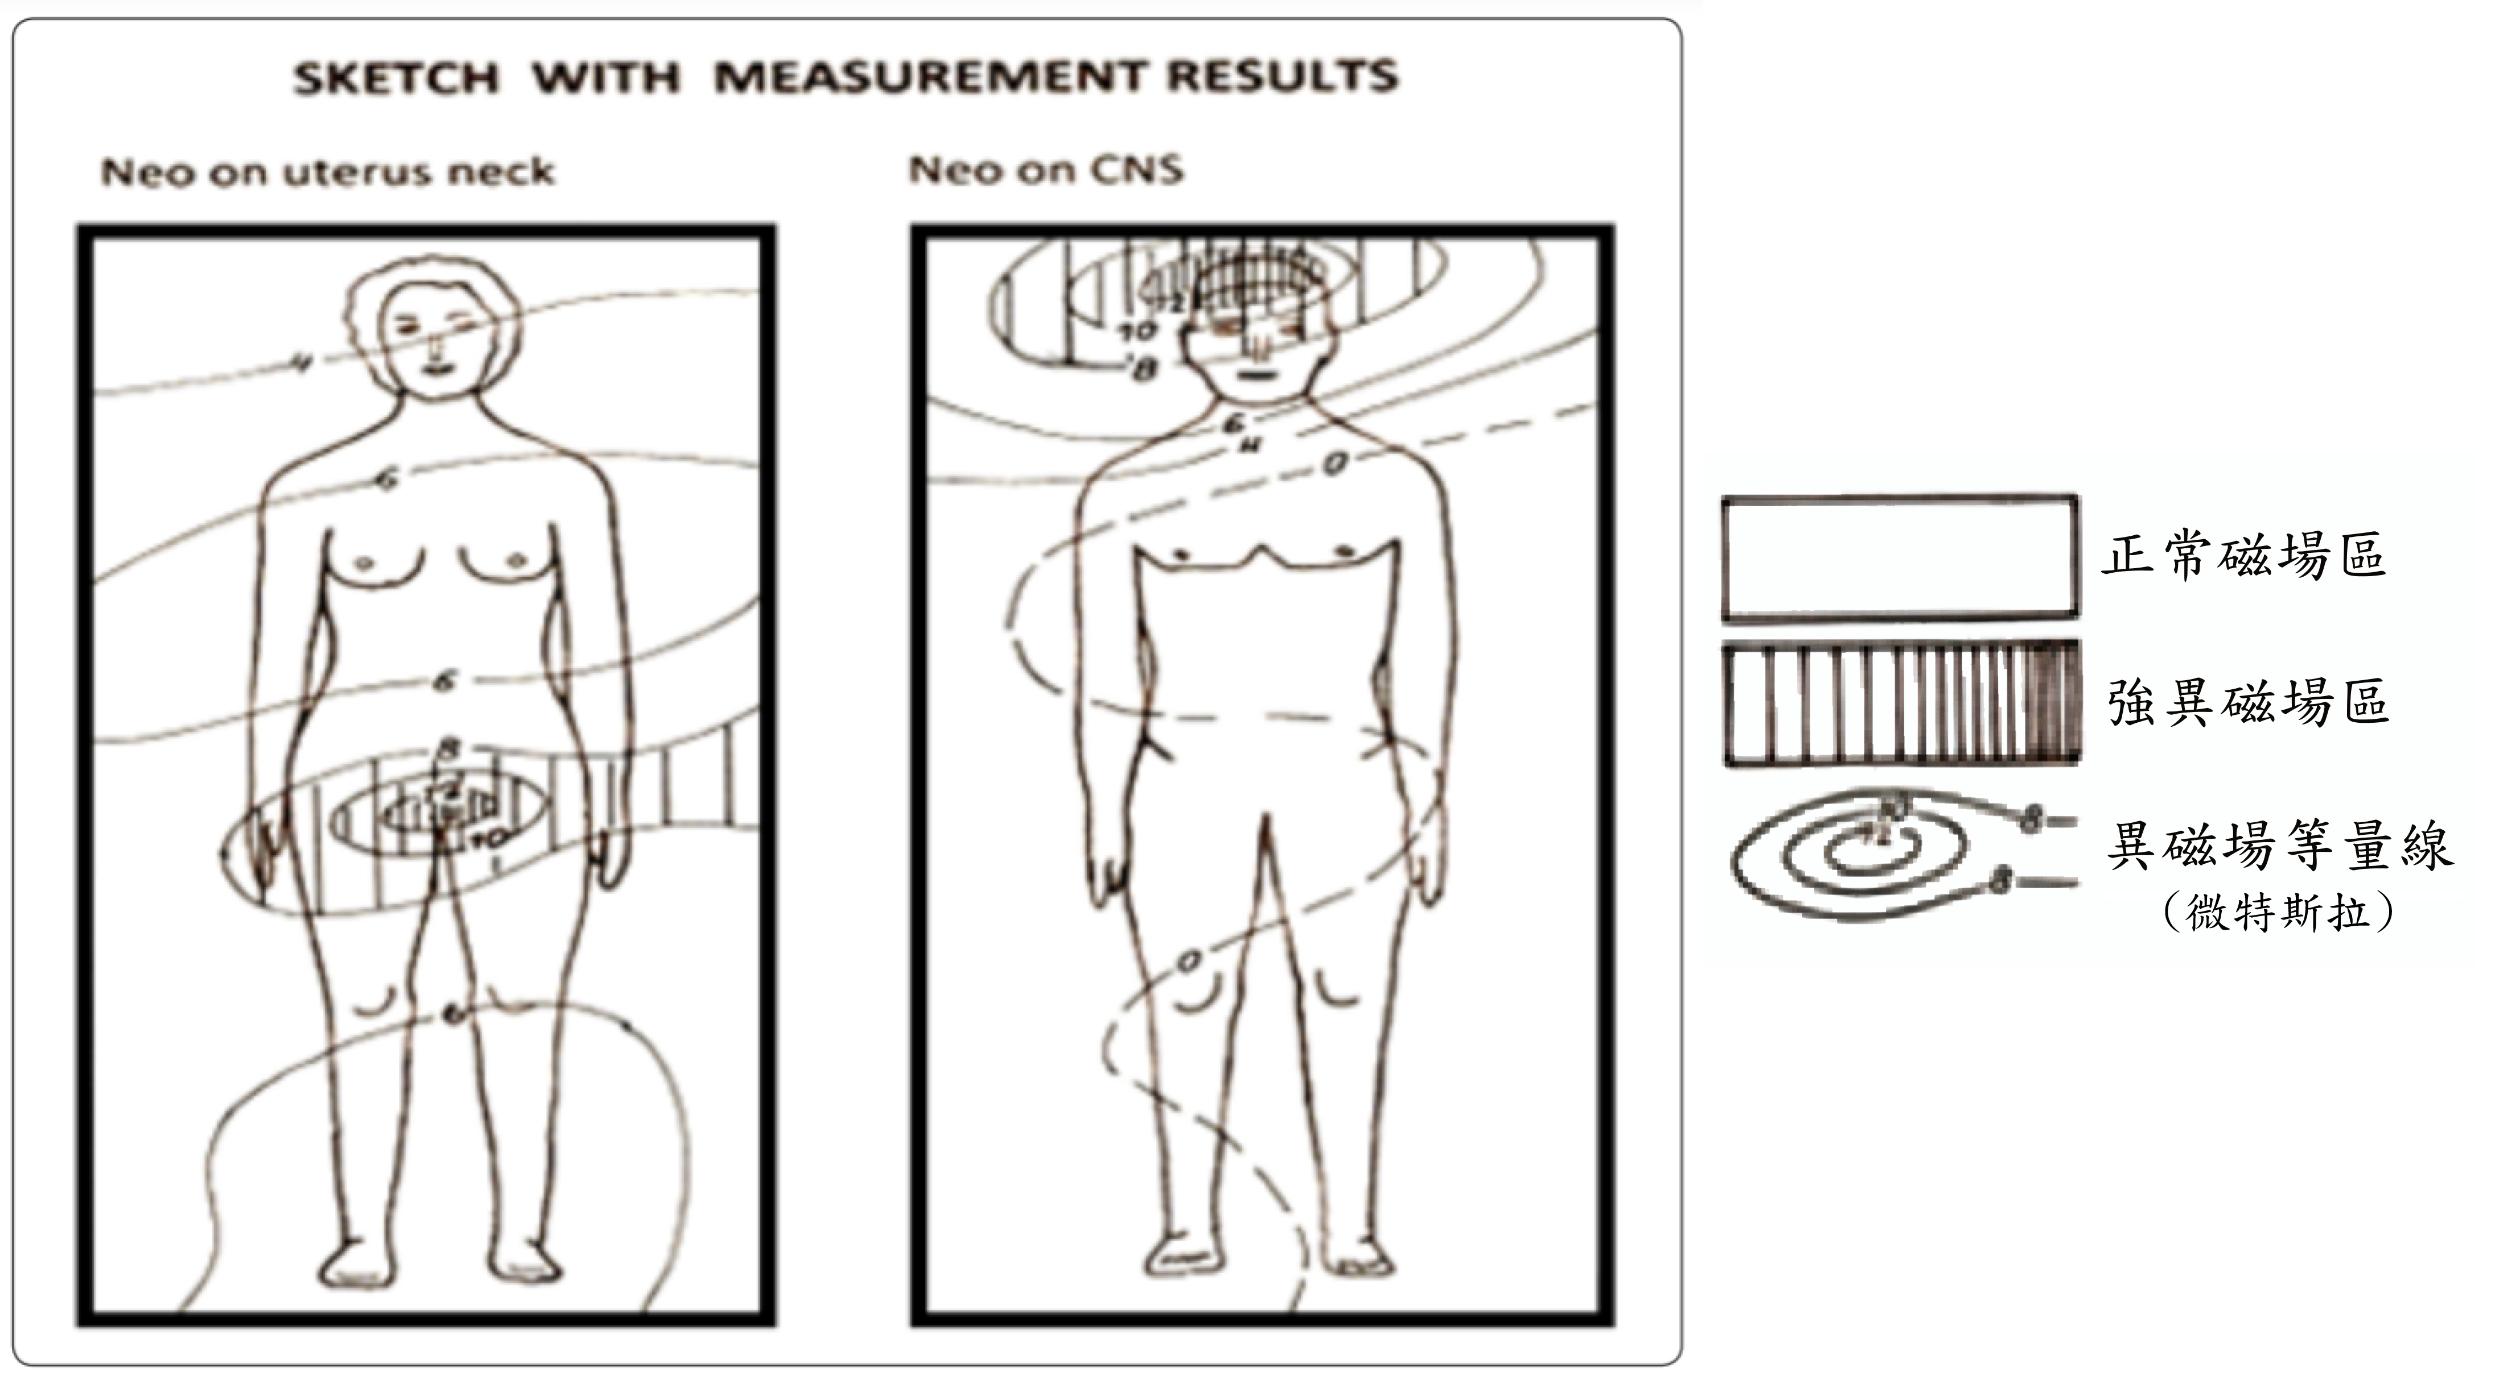 图为崔芬诺维奇在患者床面上量测出的异磁场分布图。左为罹患子宫颈癌女子的床;右为罹患脑癌男子的床。强异磁场区与癌症部位吻合。(崔芬诺维奇提供)